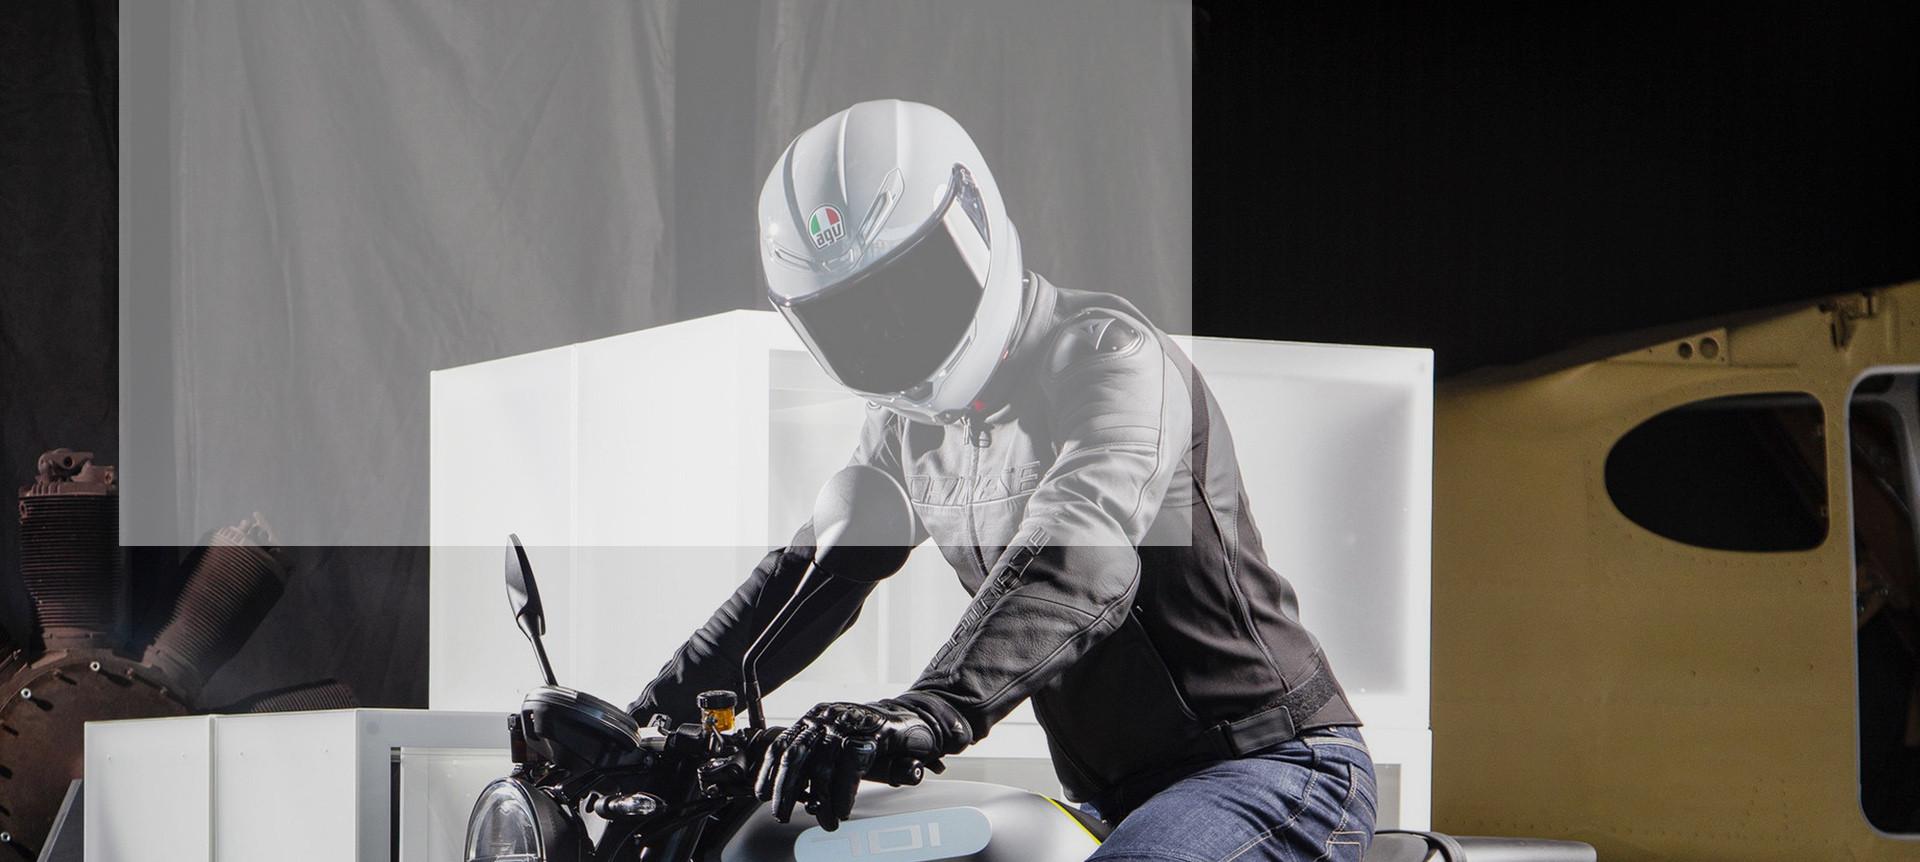 Caschi moto AGV Nonsolofango-it